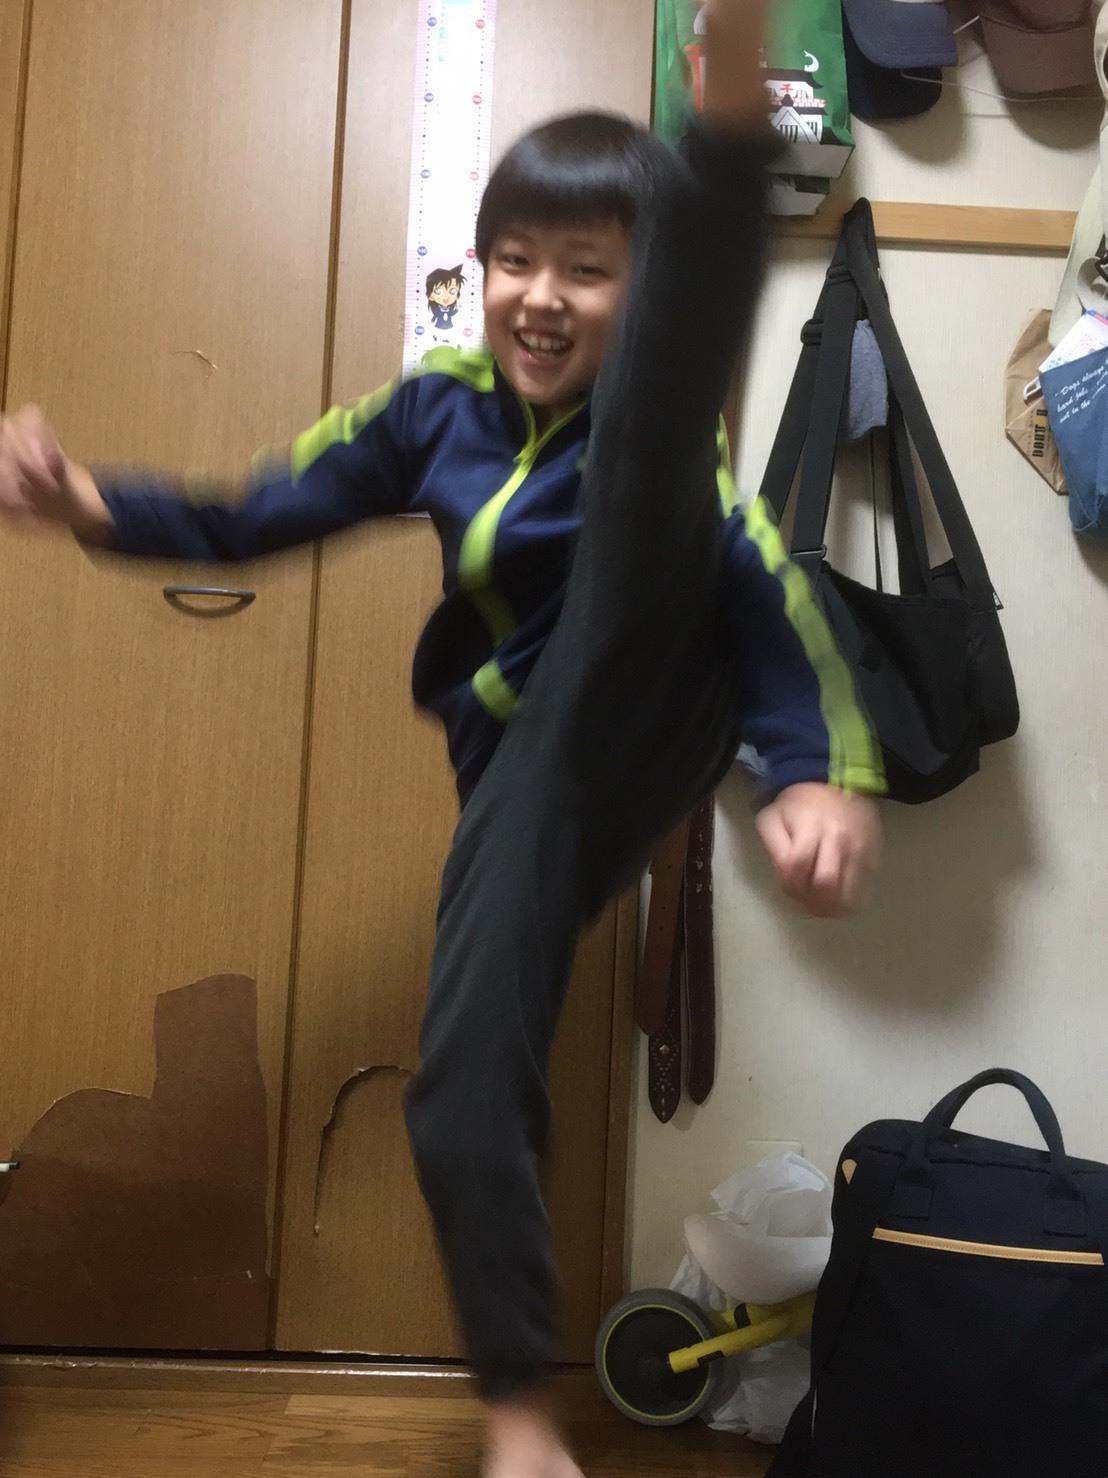 J-1CUP 全日本空手王決定戦2020!_a0254478_16175146.jpg